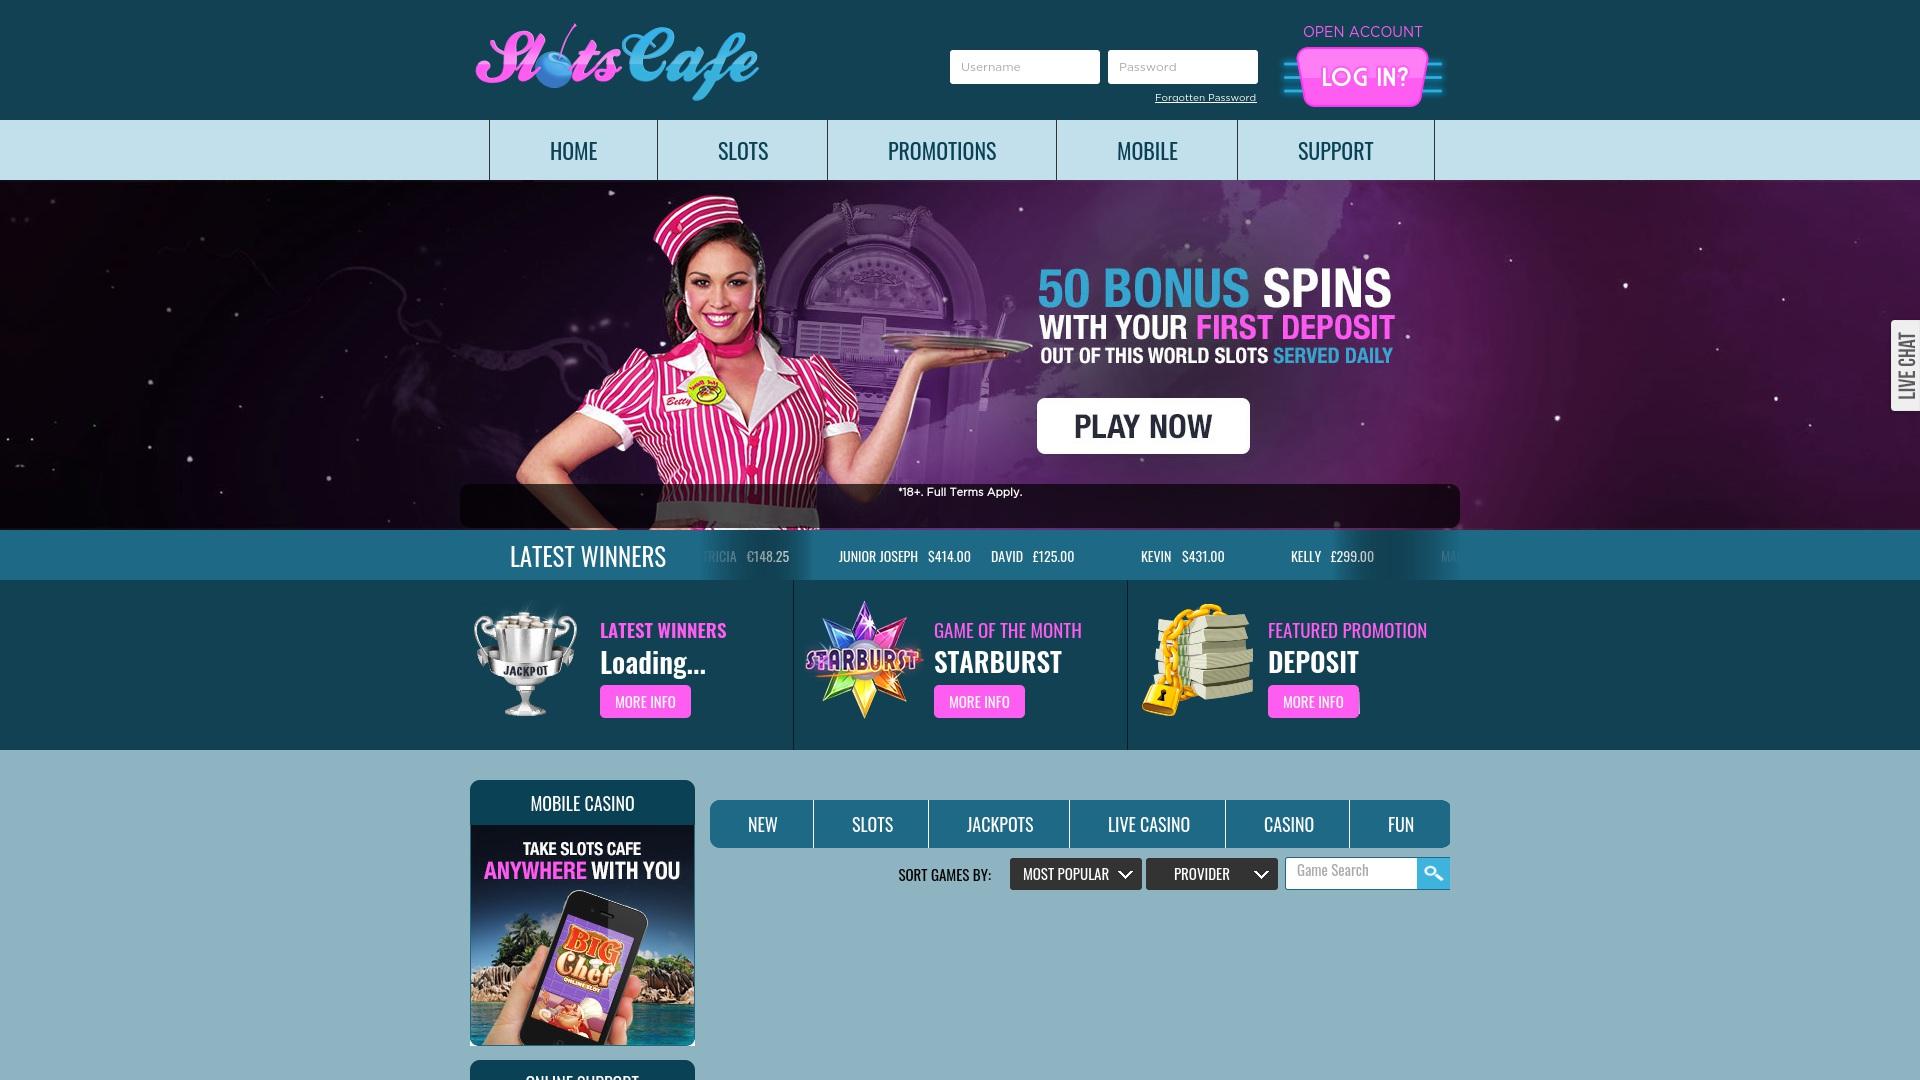 Gutschein für Slots: Rabatte für  Slots sichern